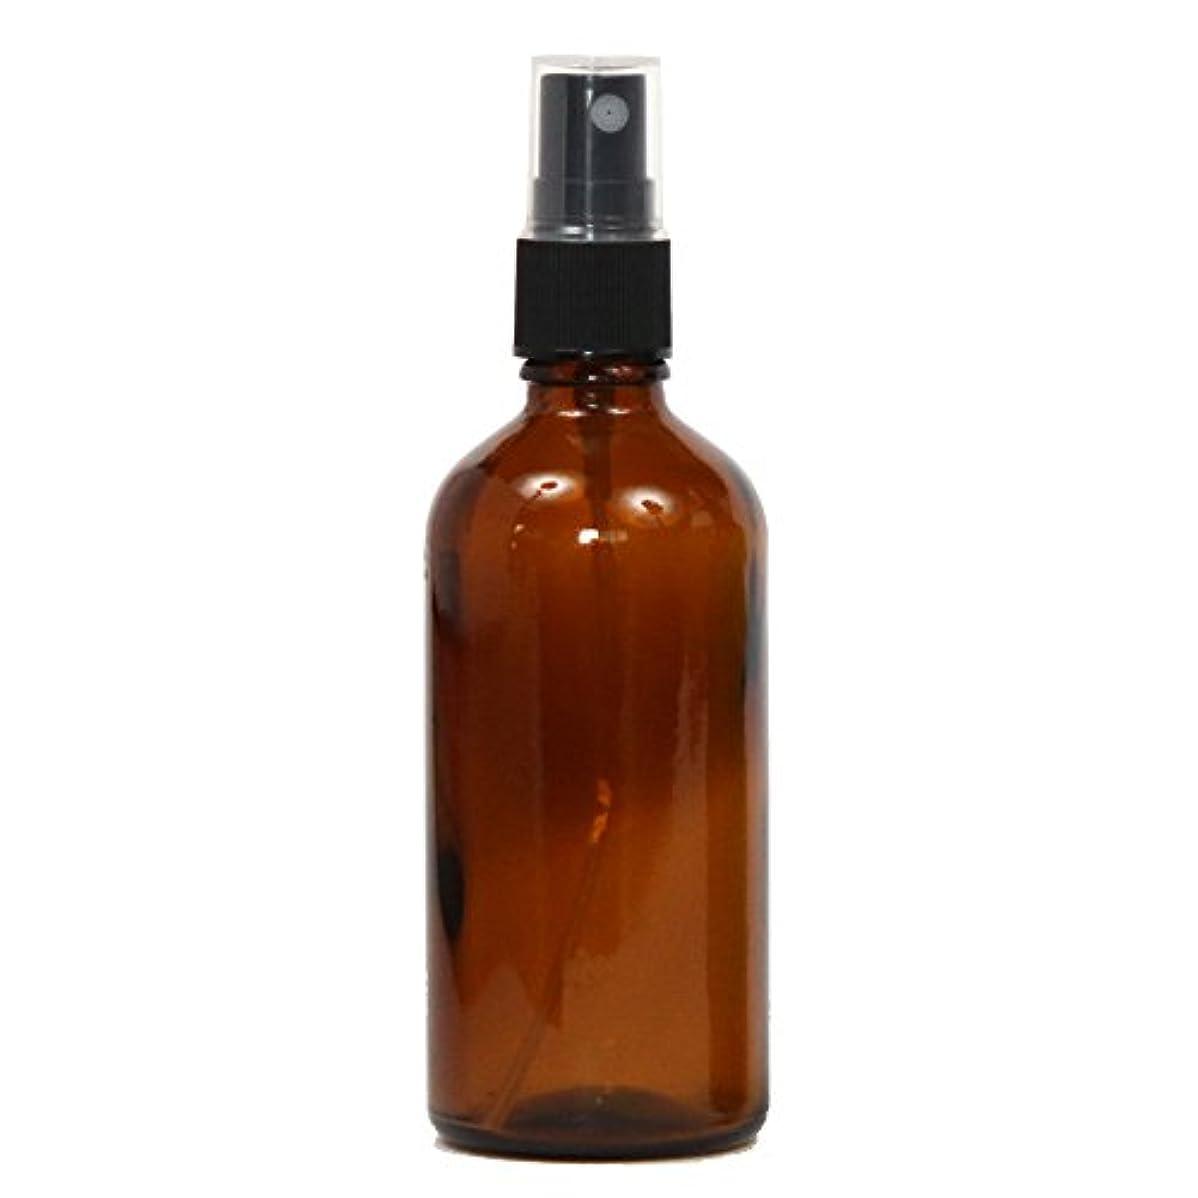 オペラつづりハードウェアスプレーボトル ガラス瓶 100mL 【アンバー 茶色】 遮光性 ガラスアトマイザー 空容器br100g